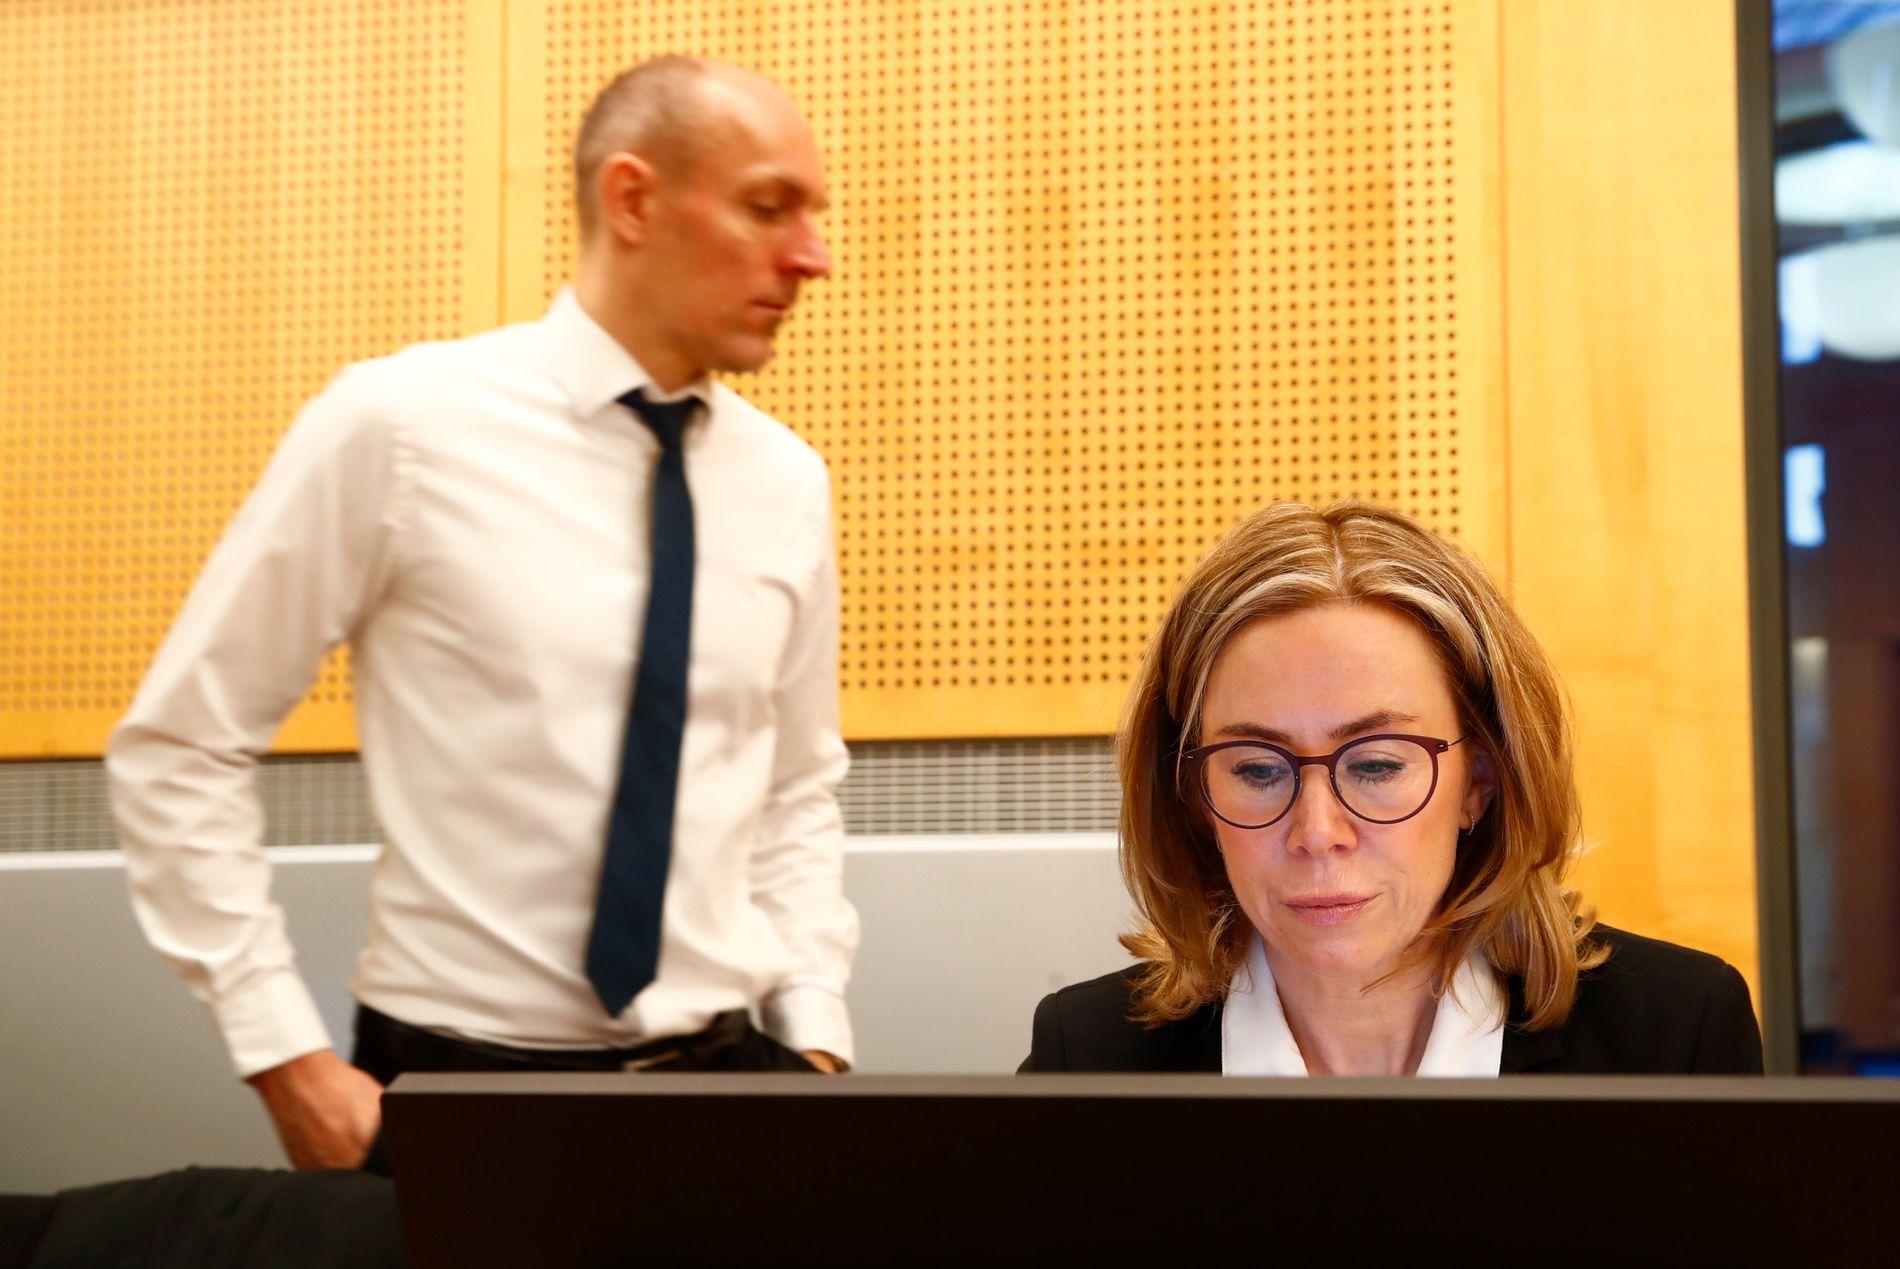 Statsadvokat Marit Formo og politiadvokat Per Niklas Hafsmoe i PST under rettssaken i Oslo tingrett i januar mot den 31 år gamle kvinnen som er tiltalt for å ha deltatt i ekstremistgruppa IS.